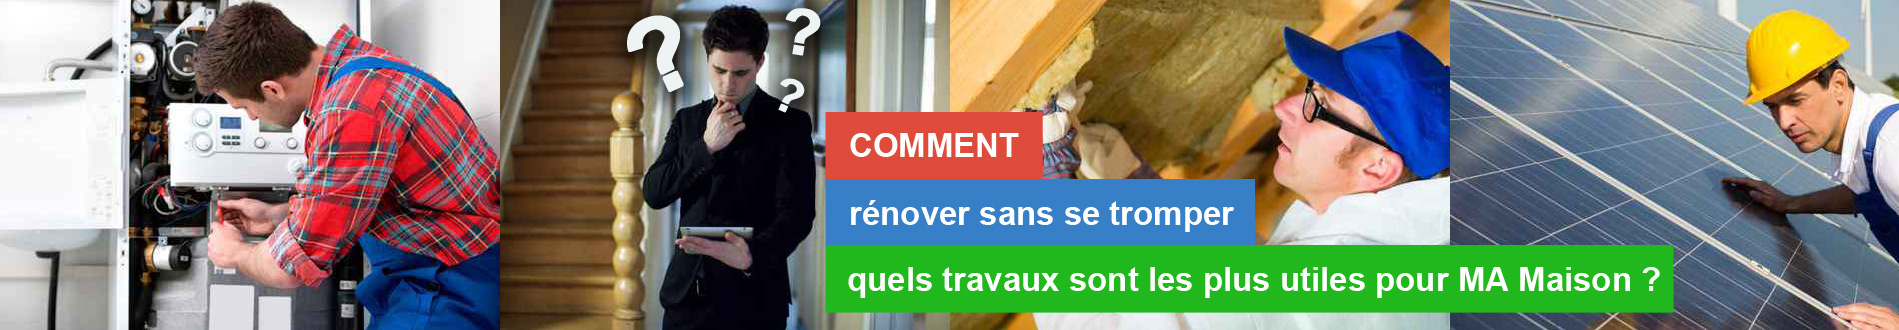 slider-2-aides-travaux-renovation